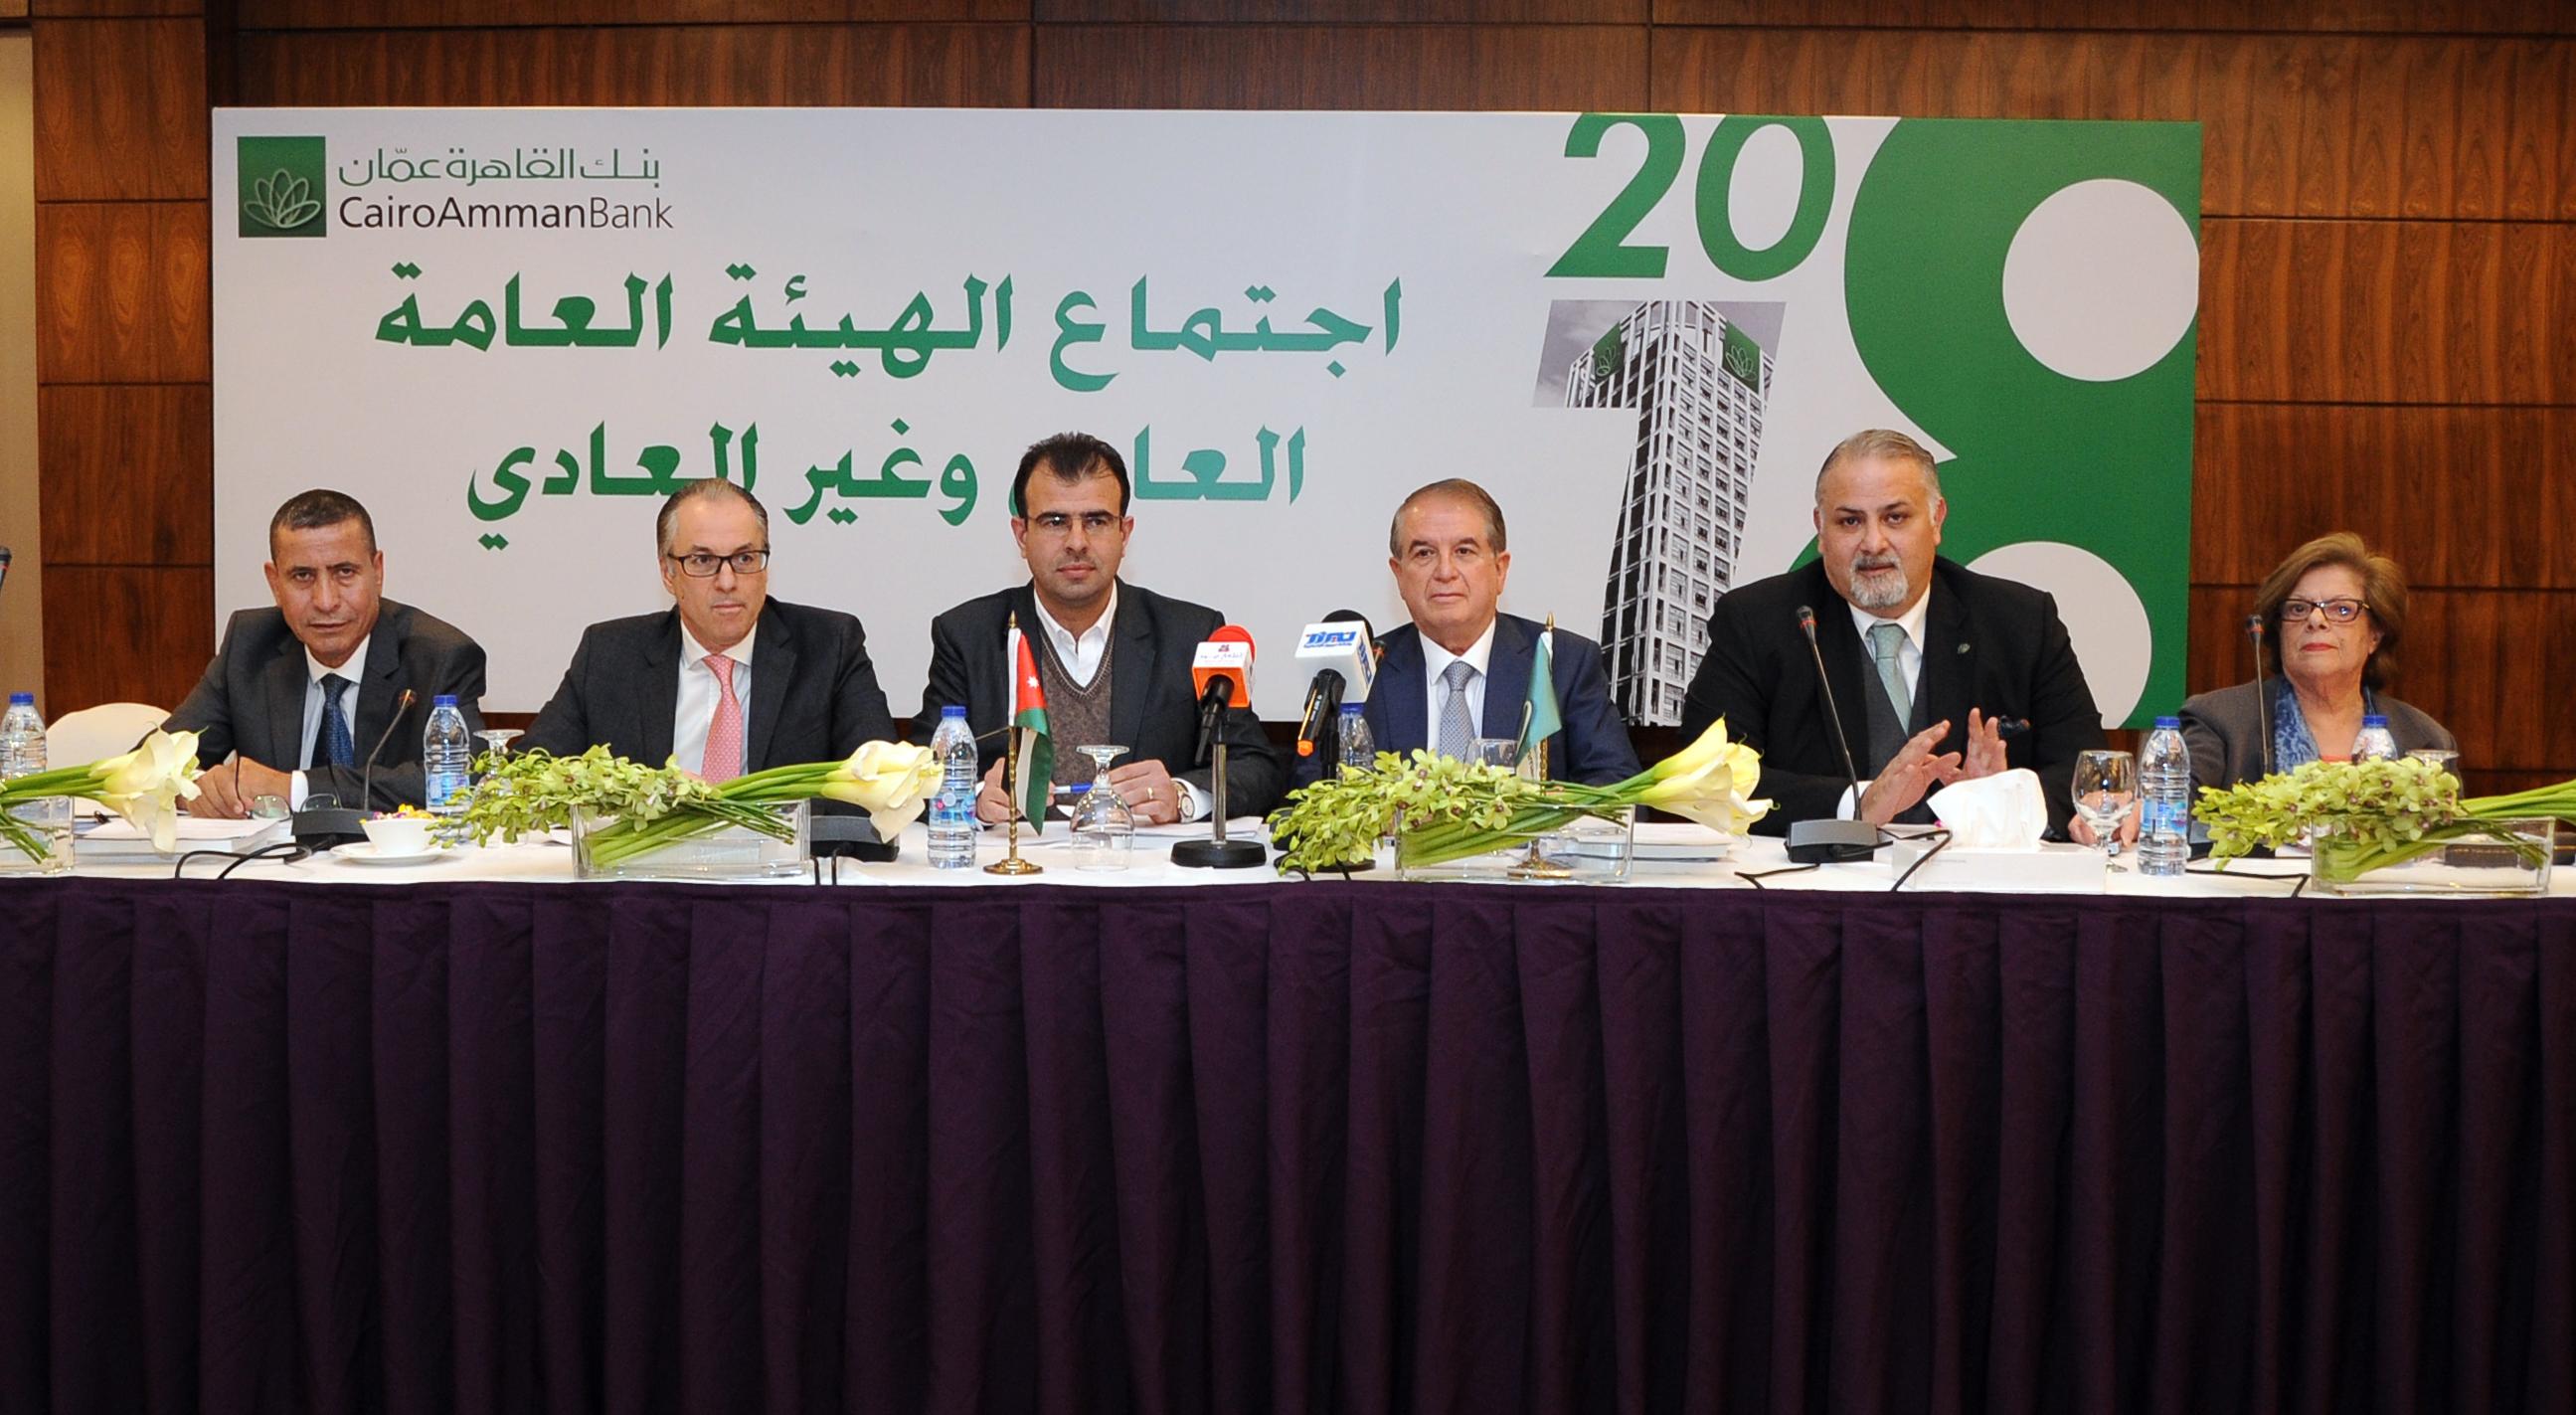 الهيئة العامة لمساهمي بنك القاهرة عمان تقر نتائج اعمال البنك لعام 2018